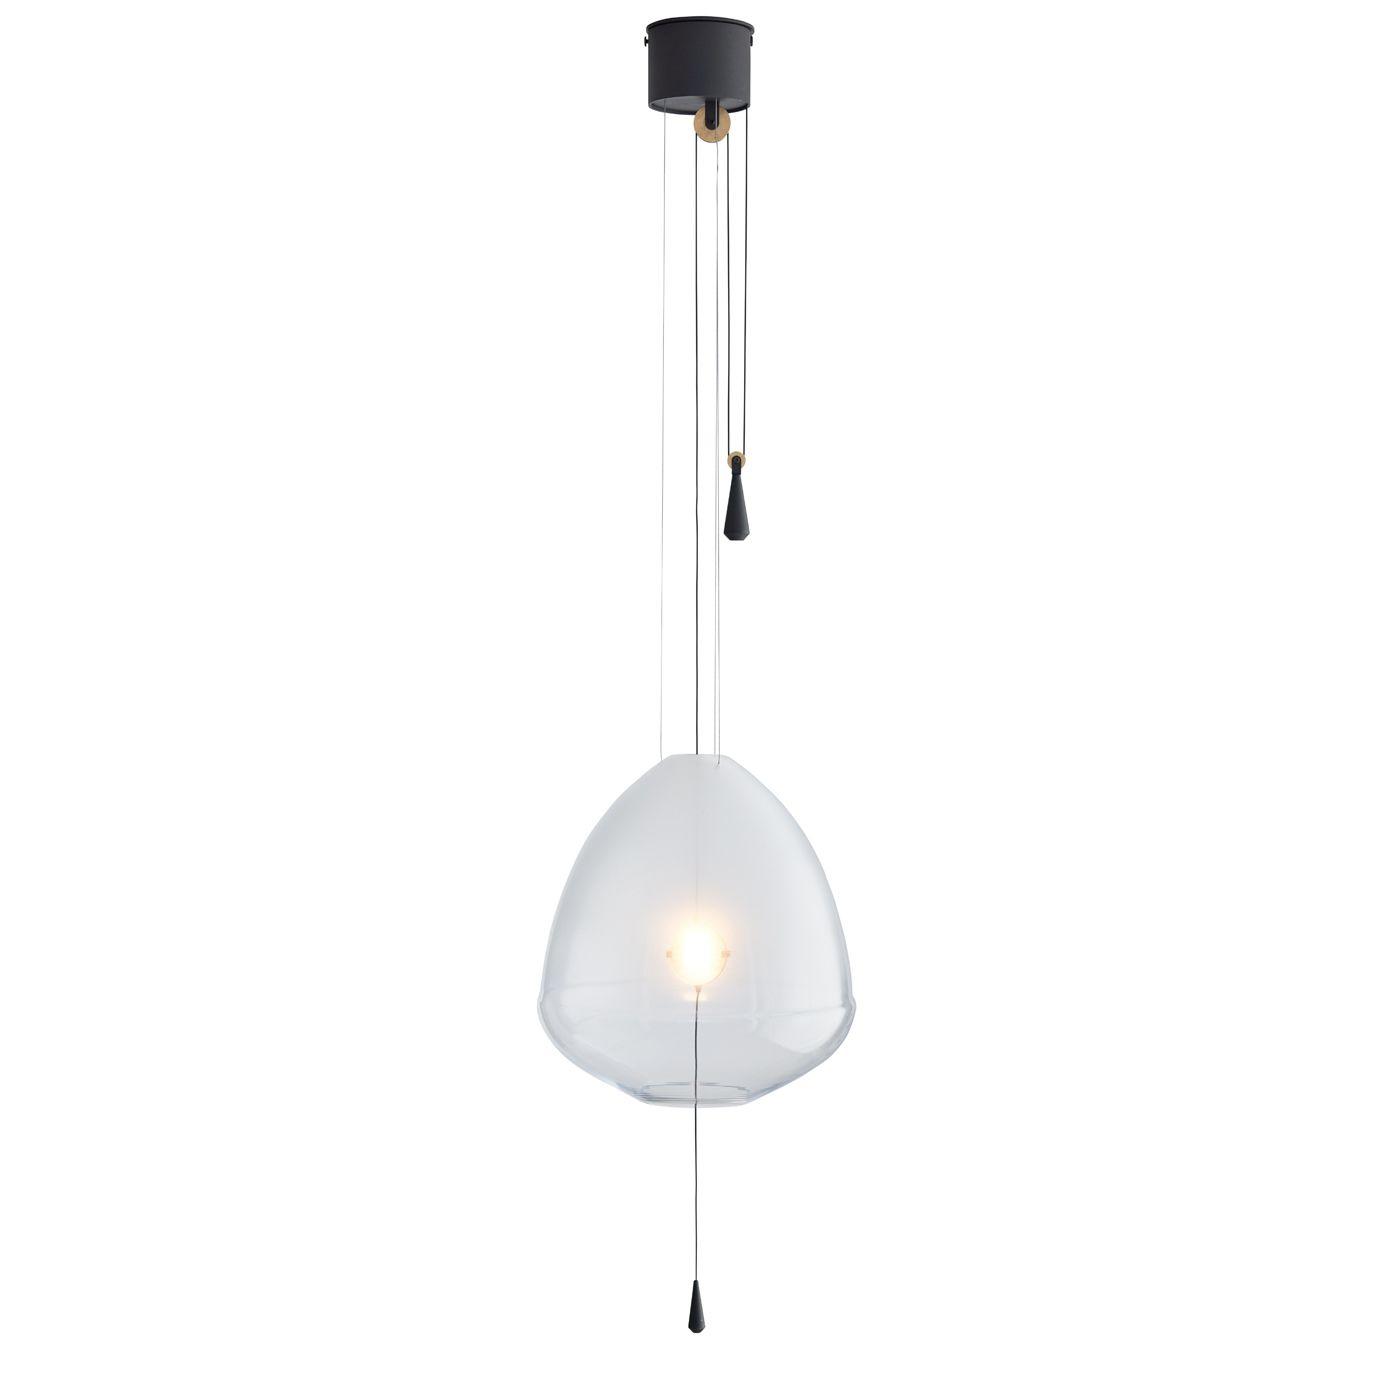 Limpid hanglamp M Hollands Licht transparant verstelbaar